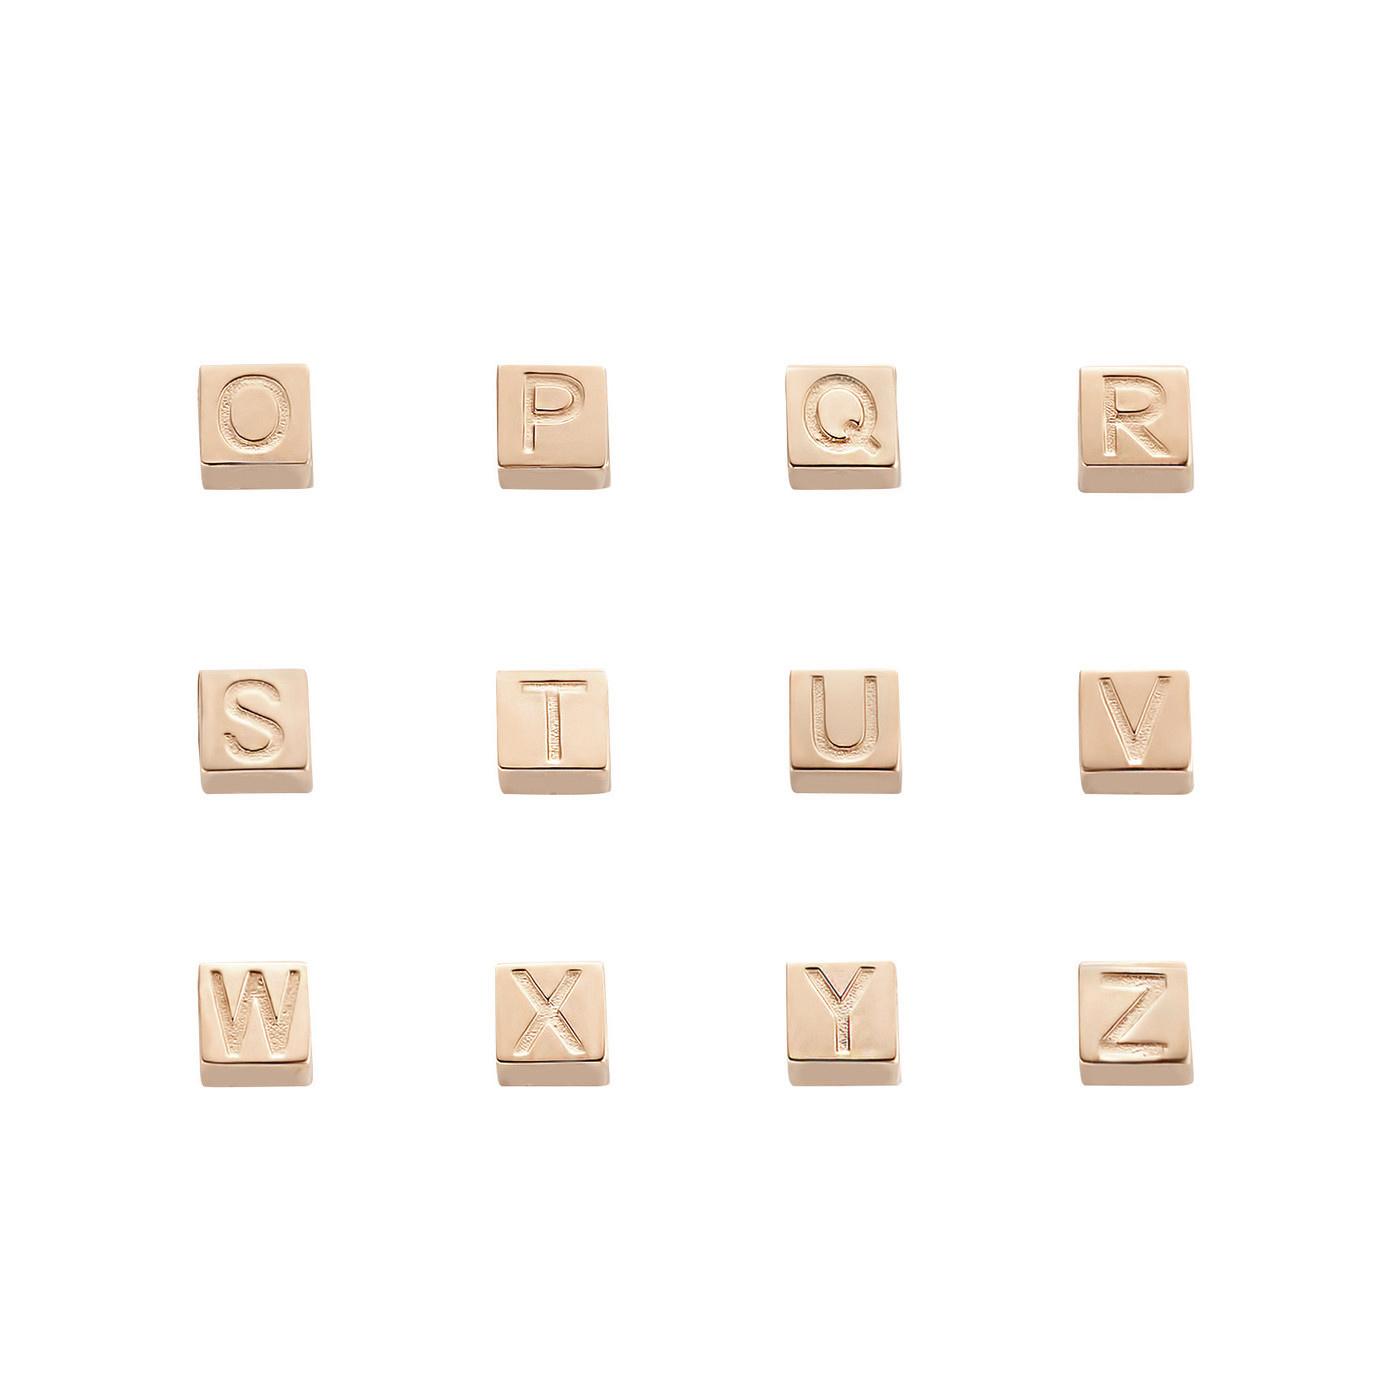 Isabel Bernard La Concorde Felie 14 karaat rosé gouden kubus initial bedel met letter